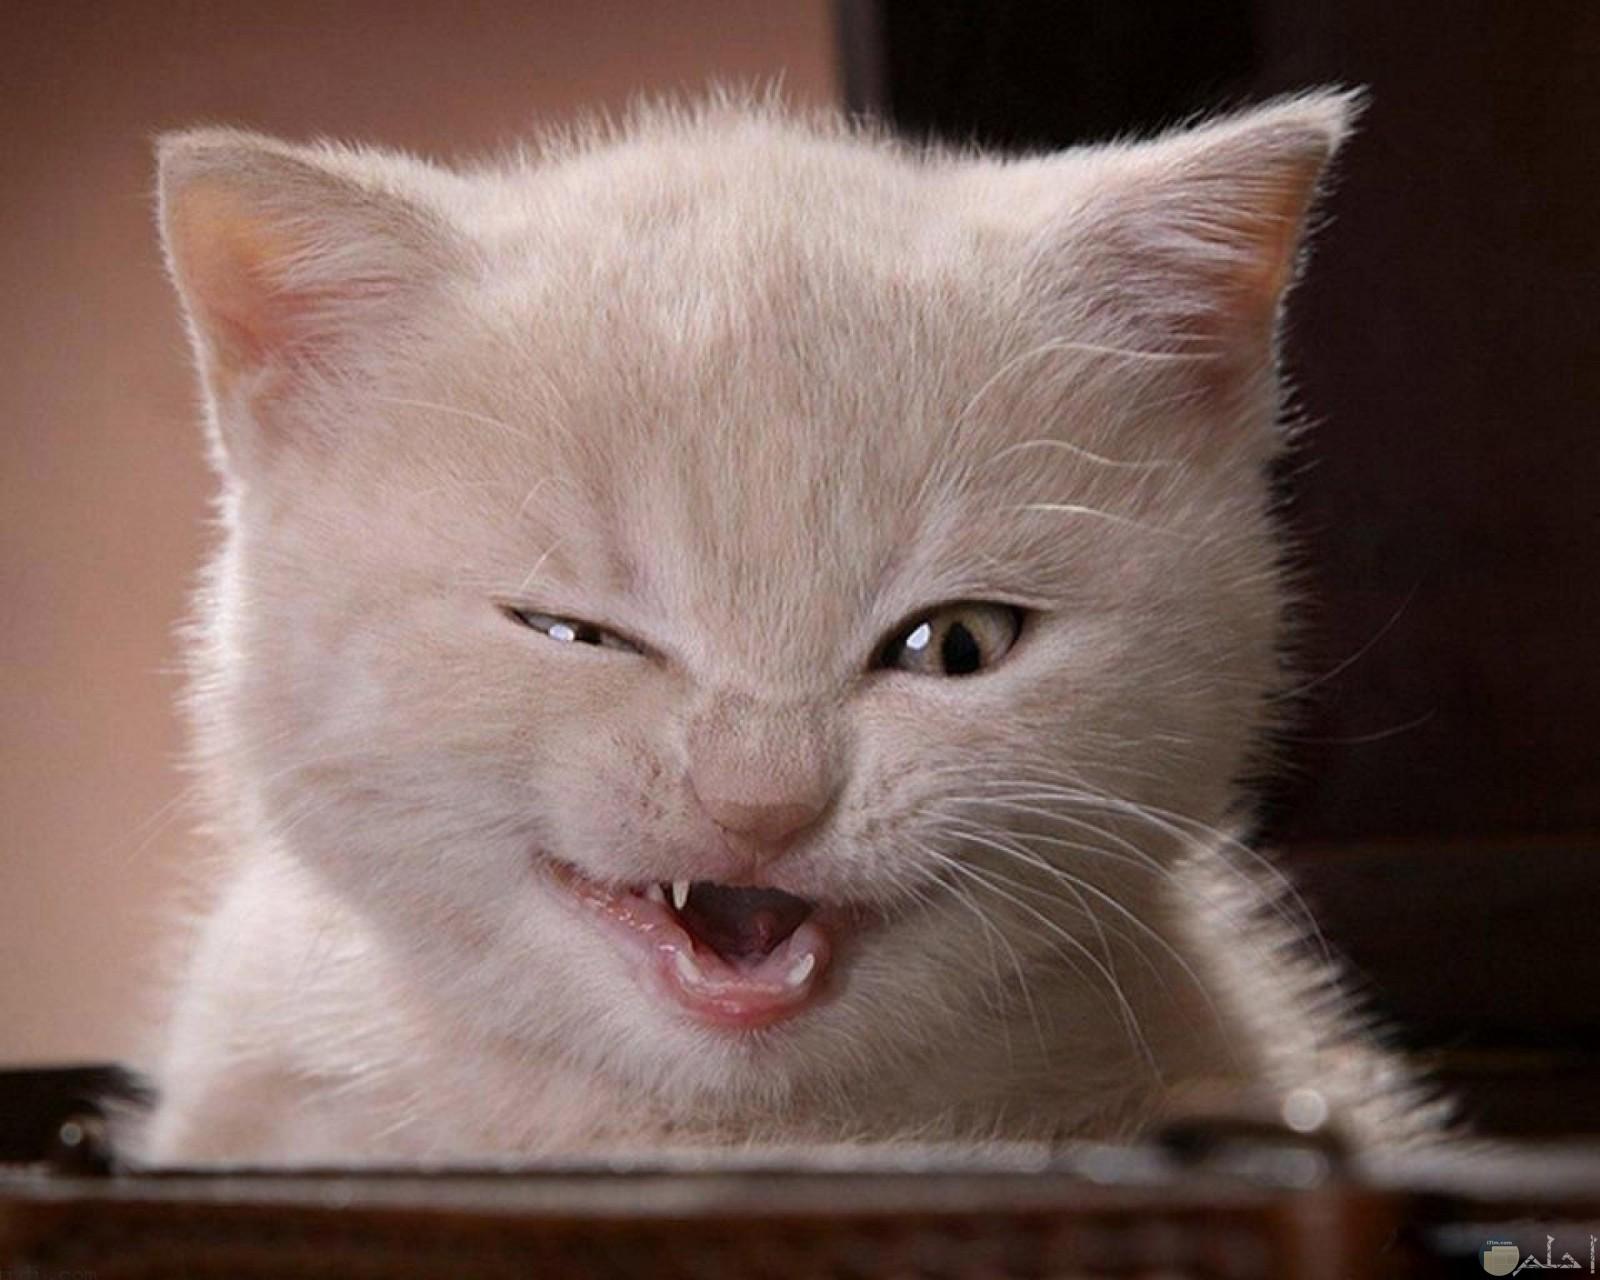 القط الماكر الشرير.